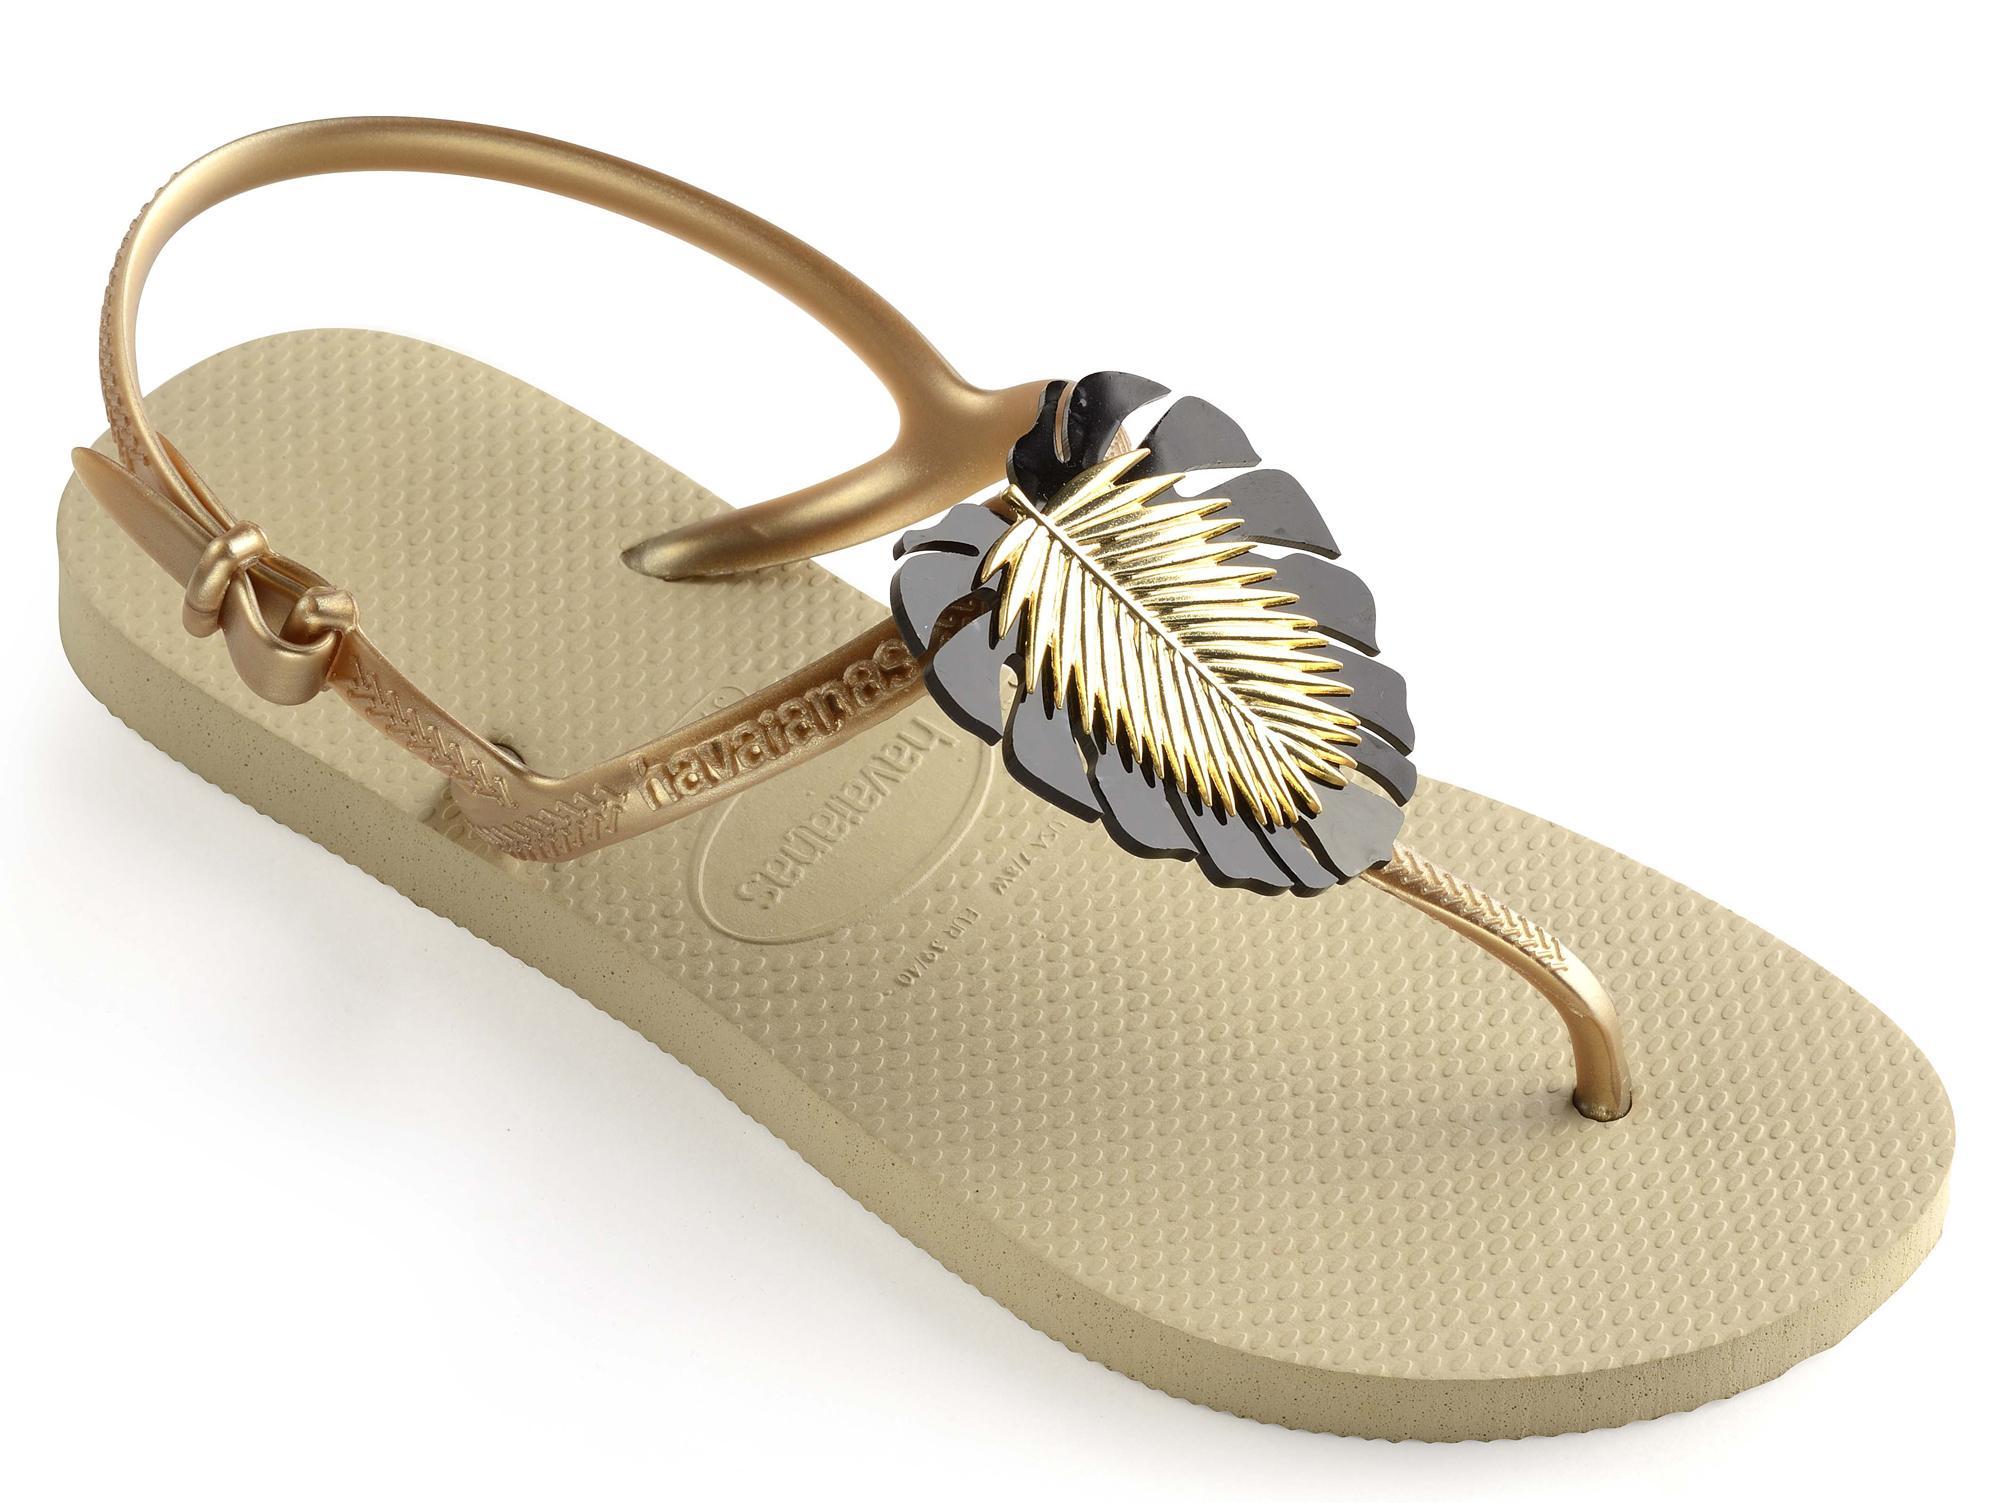 scarpe casual acquista originale consegna veloce Dettagli su Sandali infradito Havaianas Freedom Metal donna 41413060154